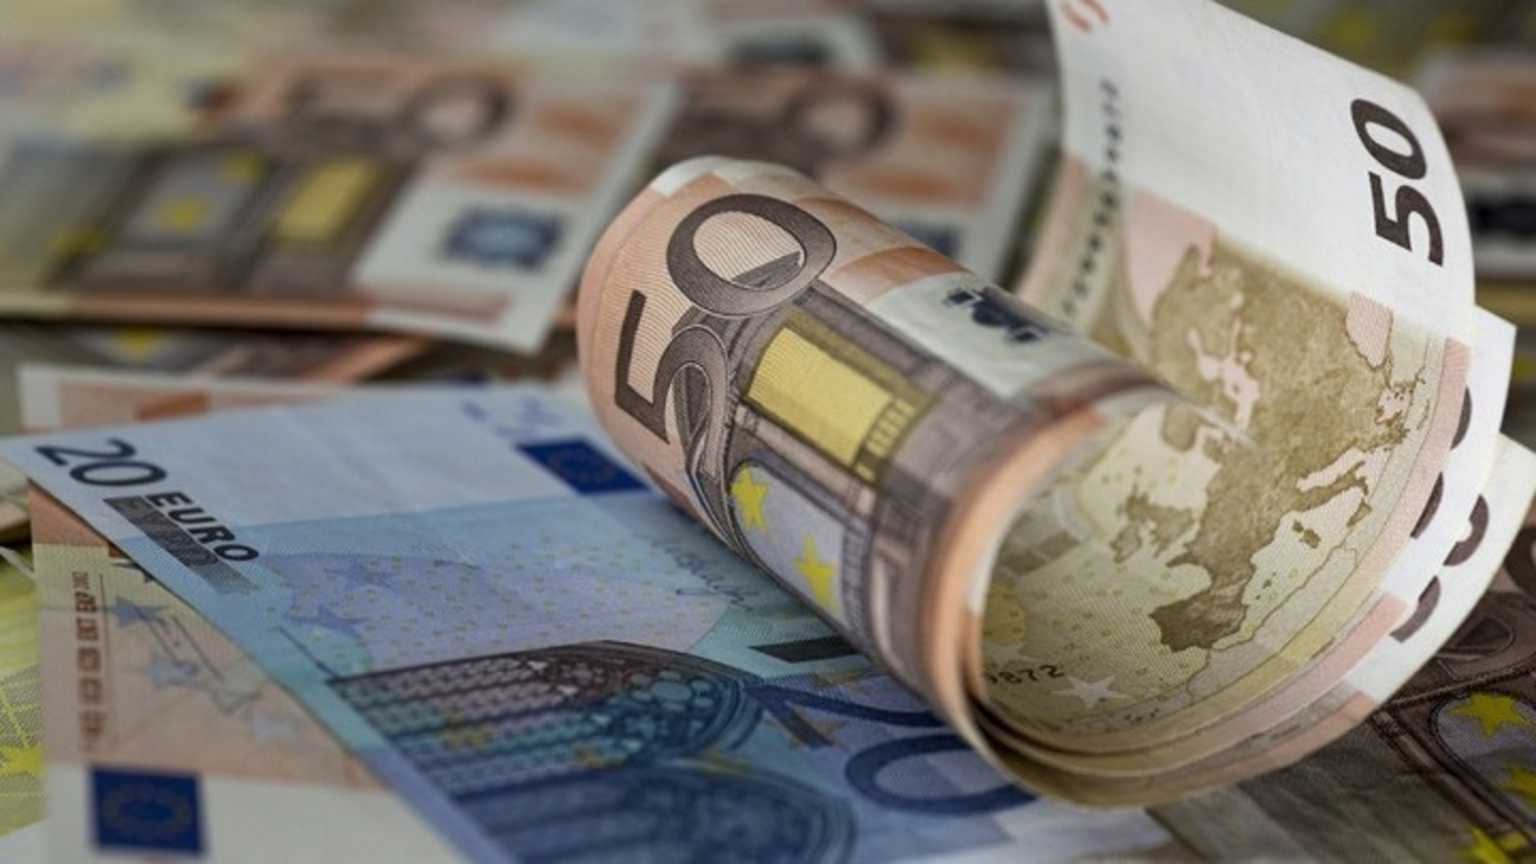 Βόλος: Εξαπατούσε κόσμο παριστάνοντας τον συνεργάτη βουλευτή – Τσέπωσε 900 ευρώ από ανέργους